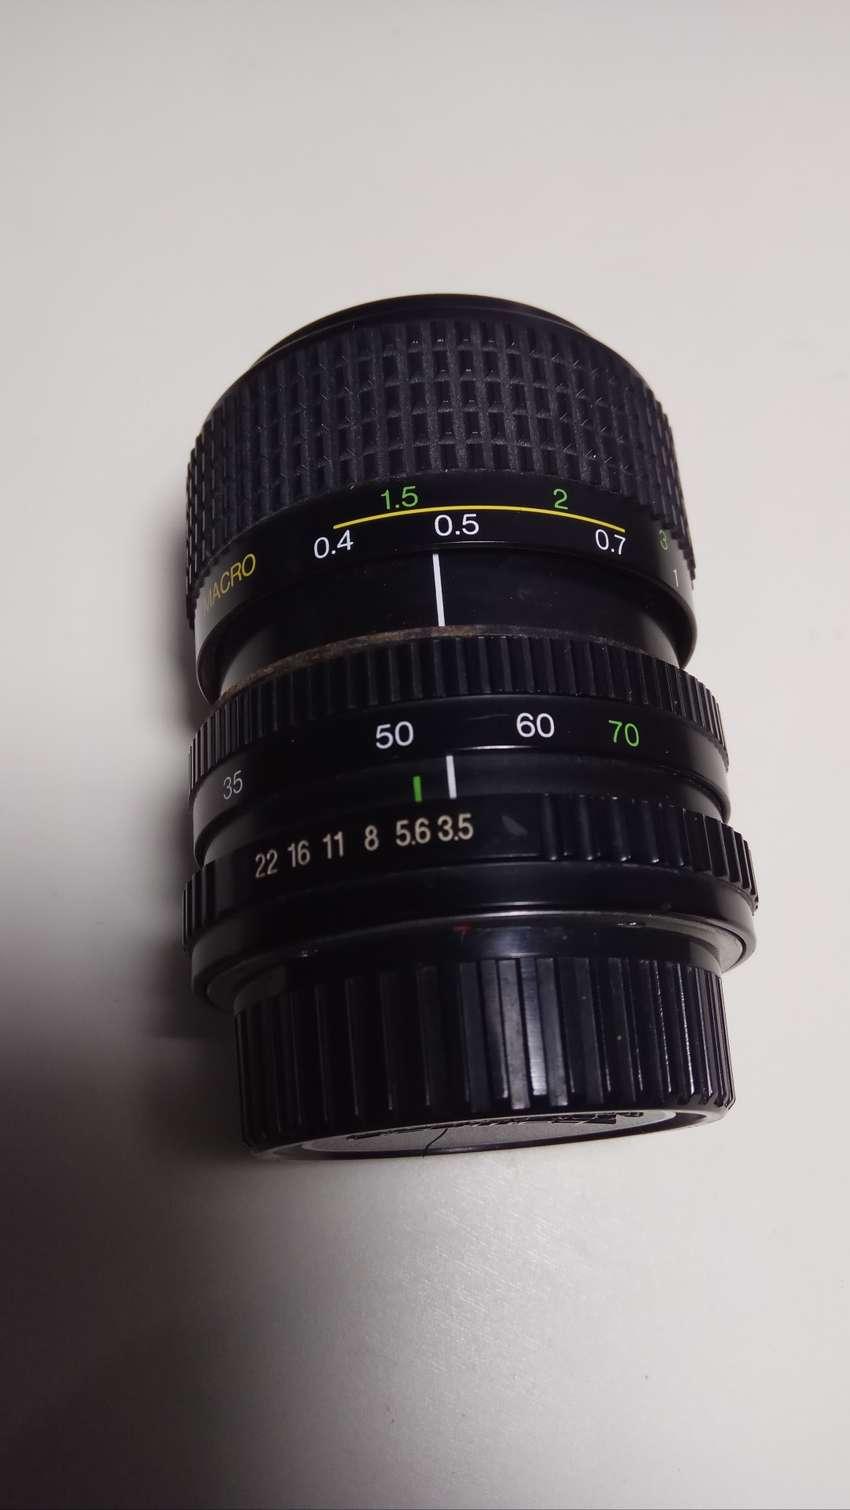 Lensa FD Cosina 35-70mm 0